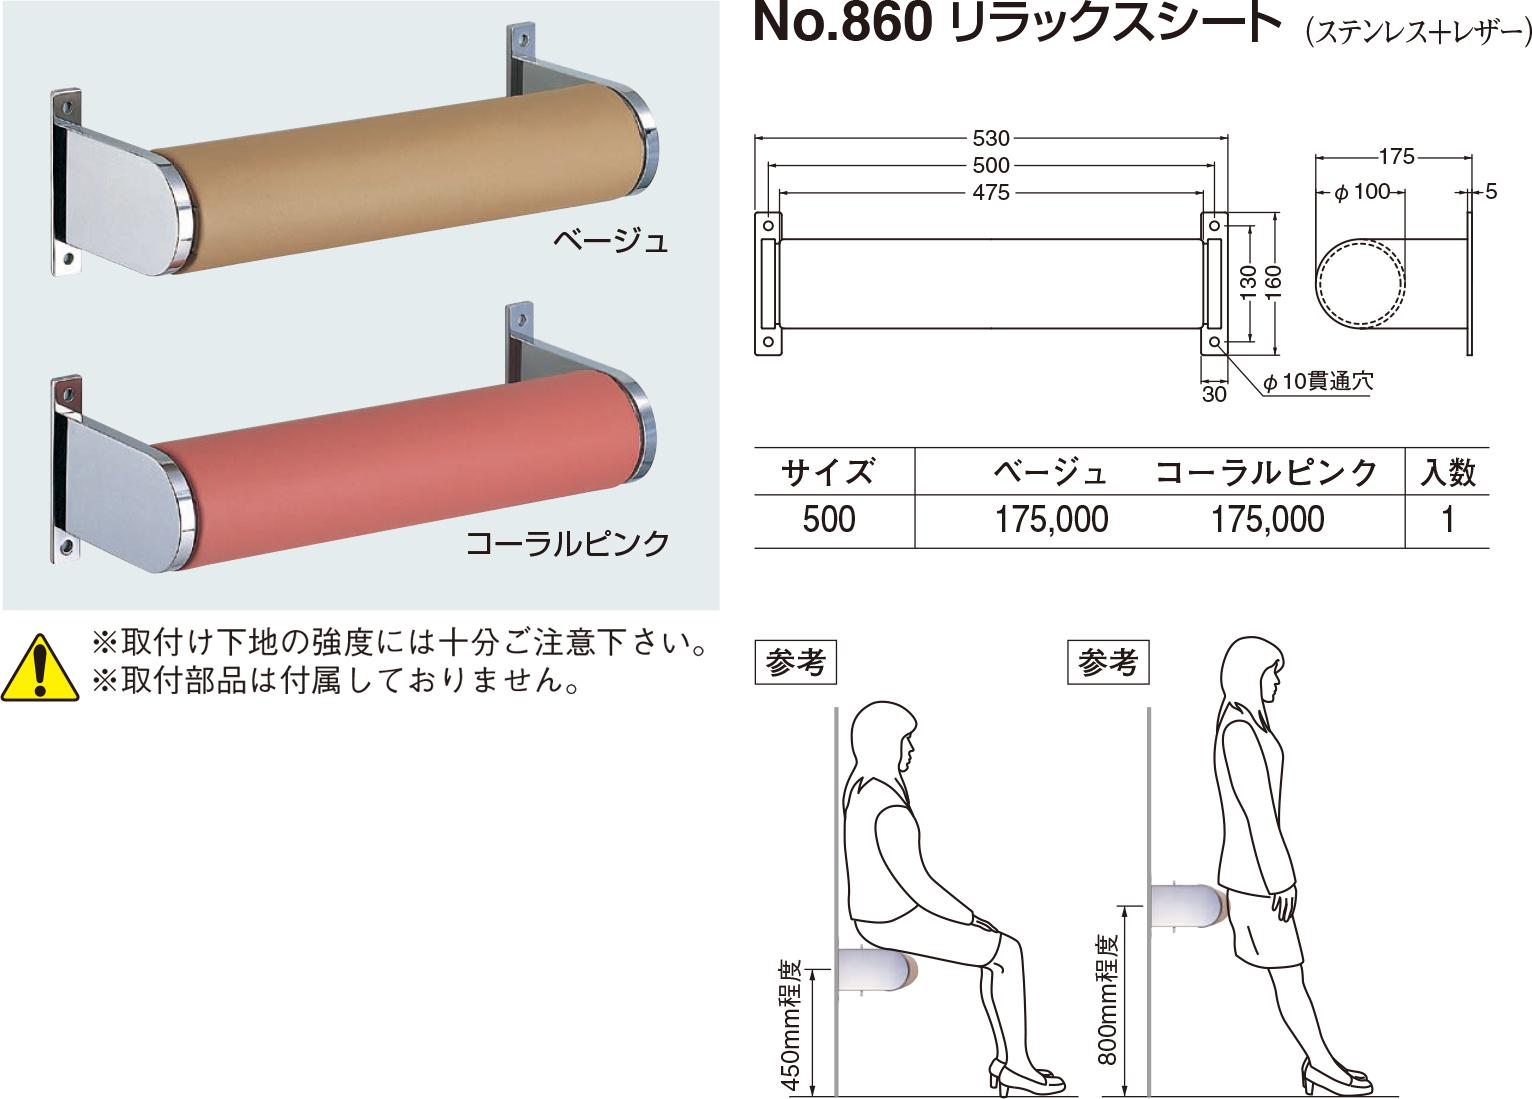 【シロクマ】リラックスシート No.860 500mm コーラル